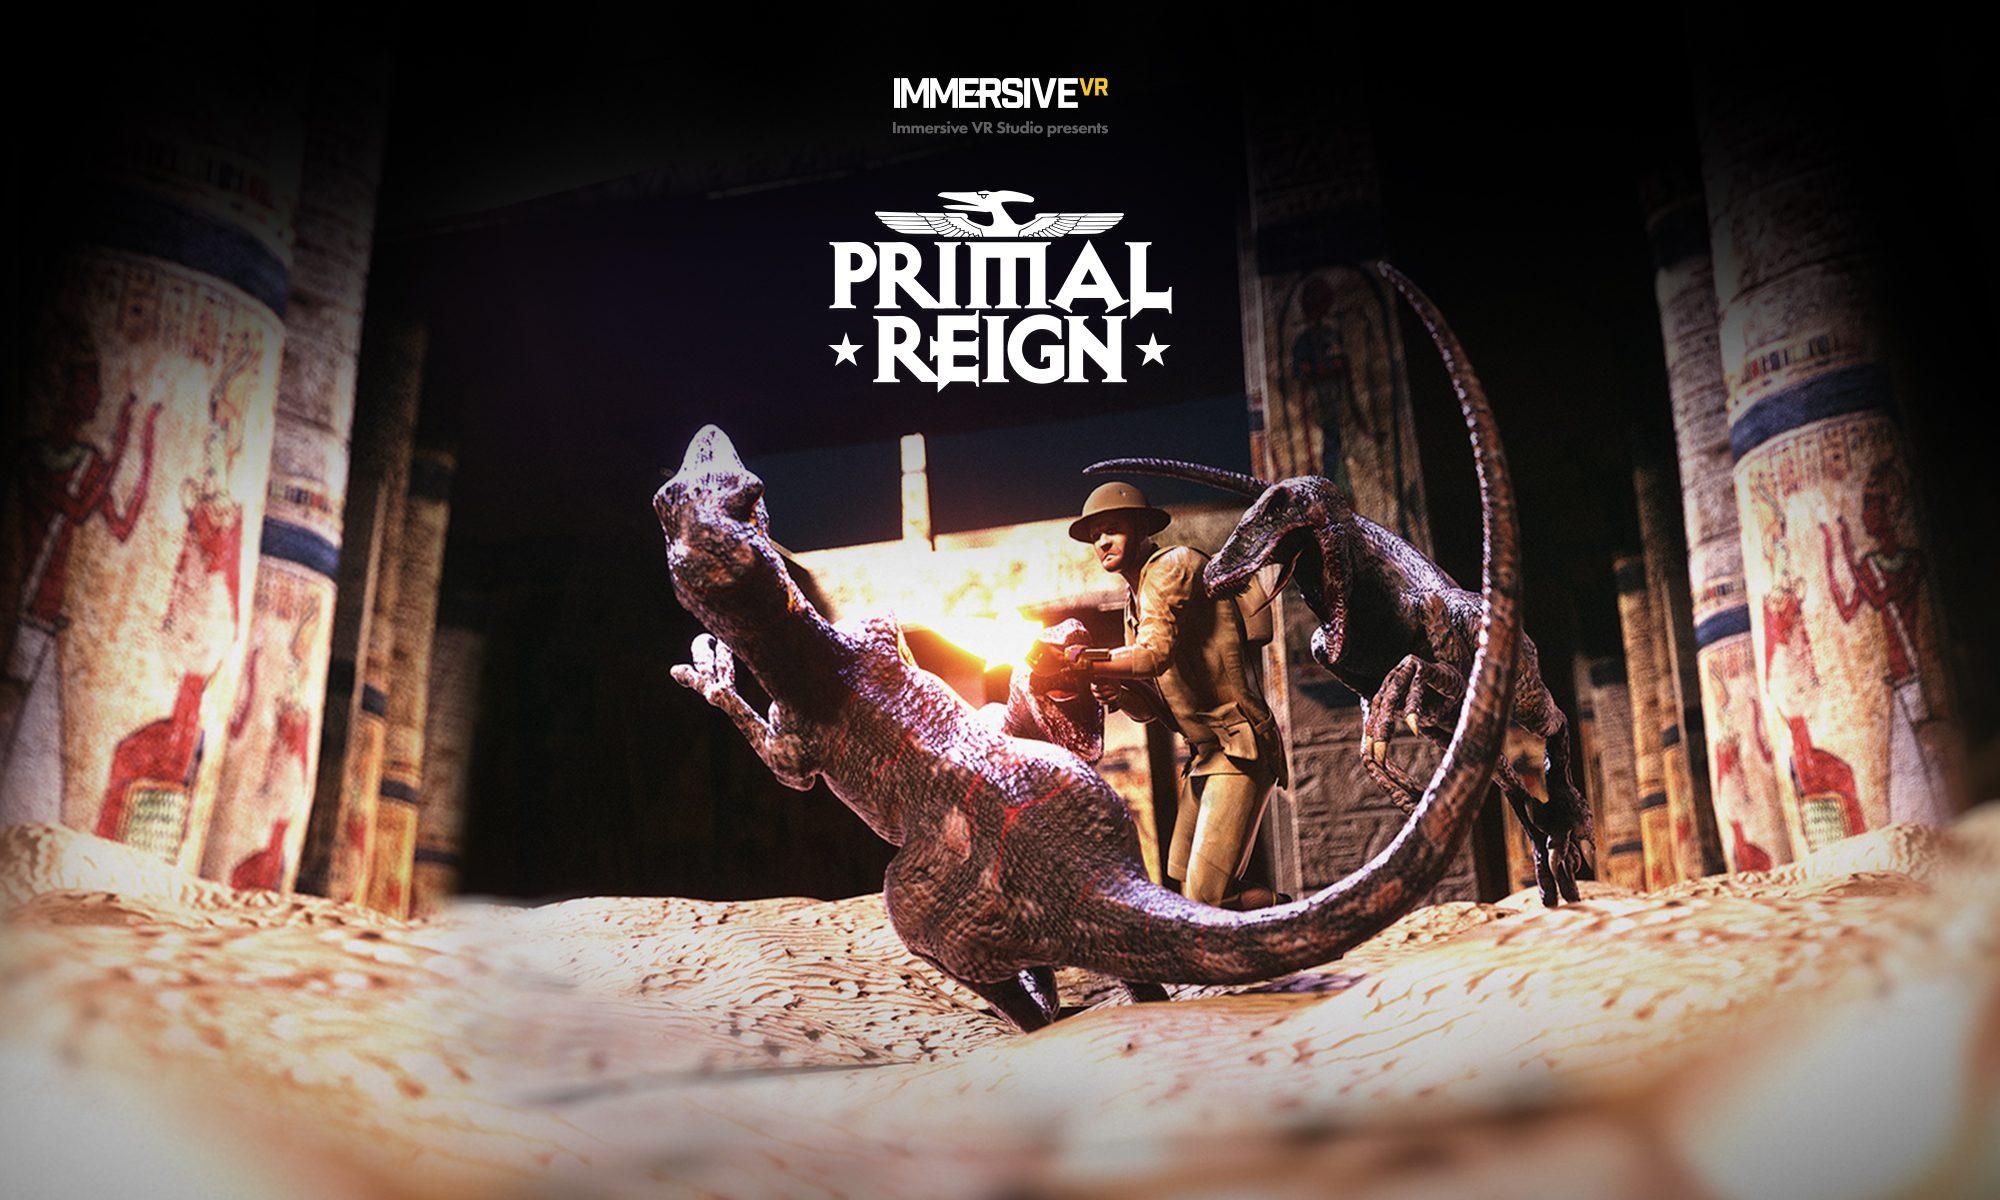 Primal Reign VR